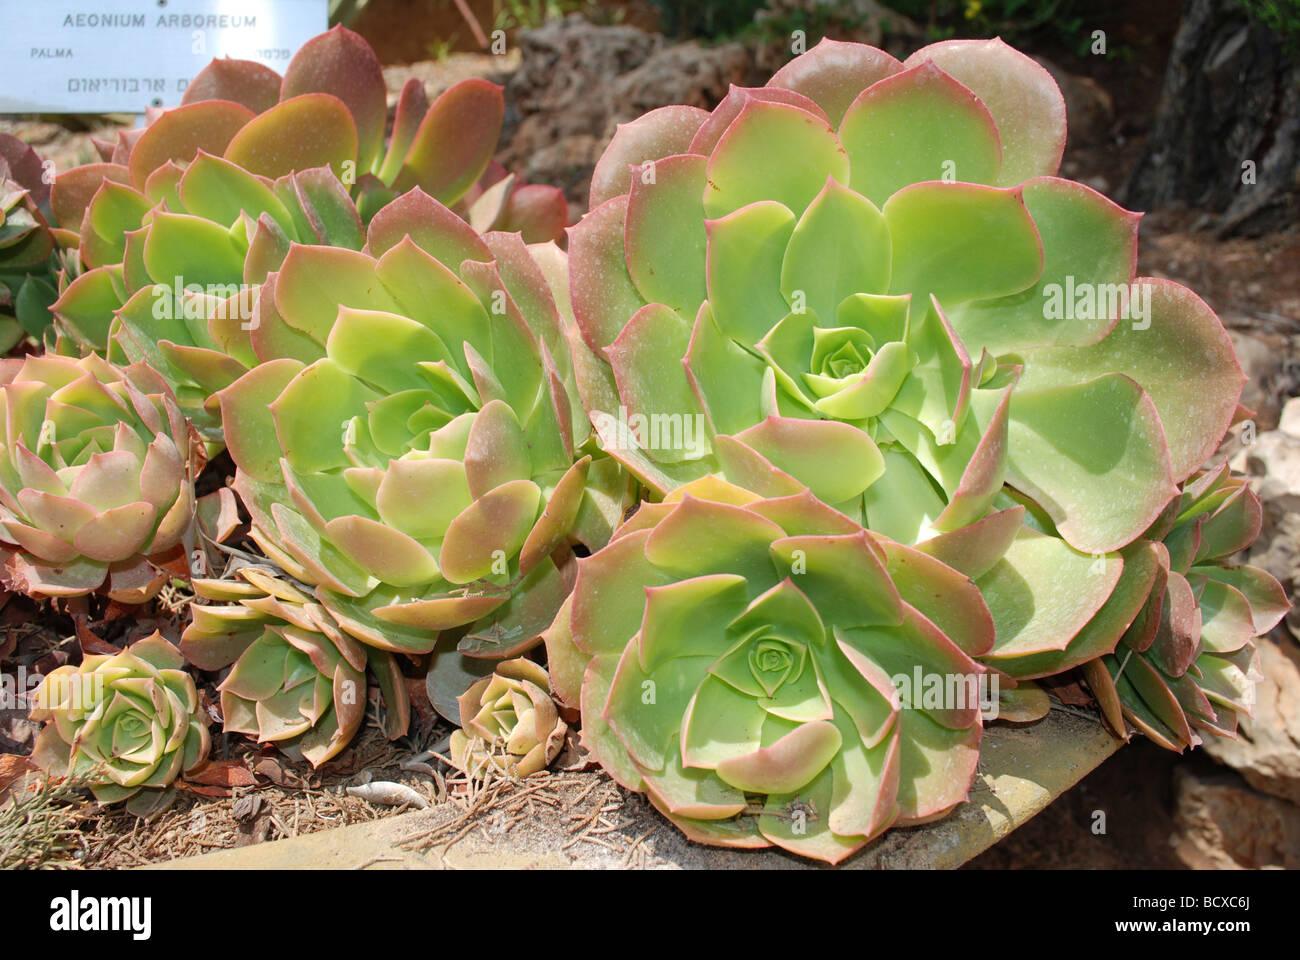 El árbol Aeonium Aeonium arboreum un suculento subtropical del género Aeonium en la familia de las crasuláceas Foto de stock